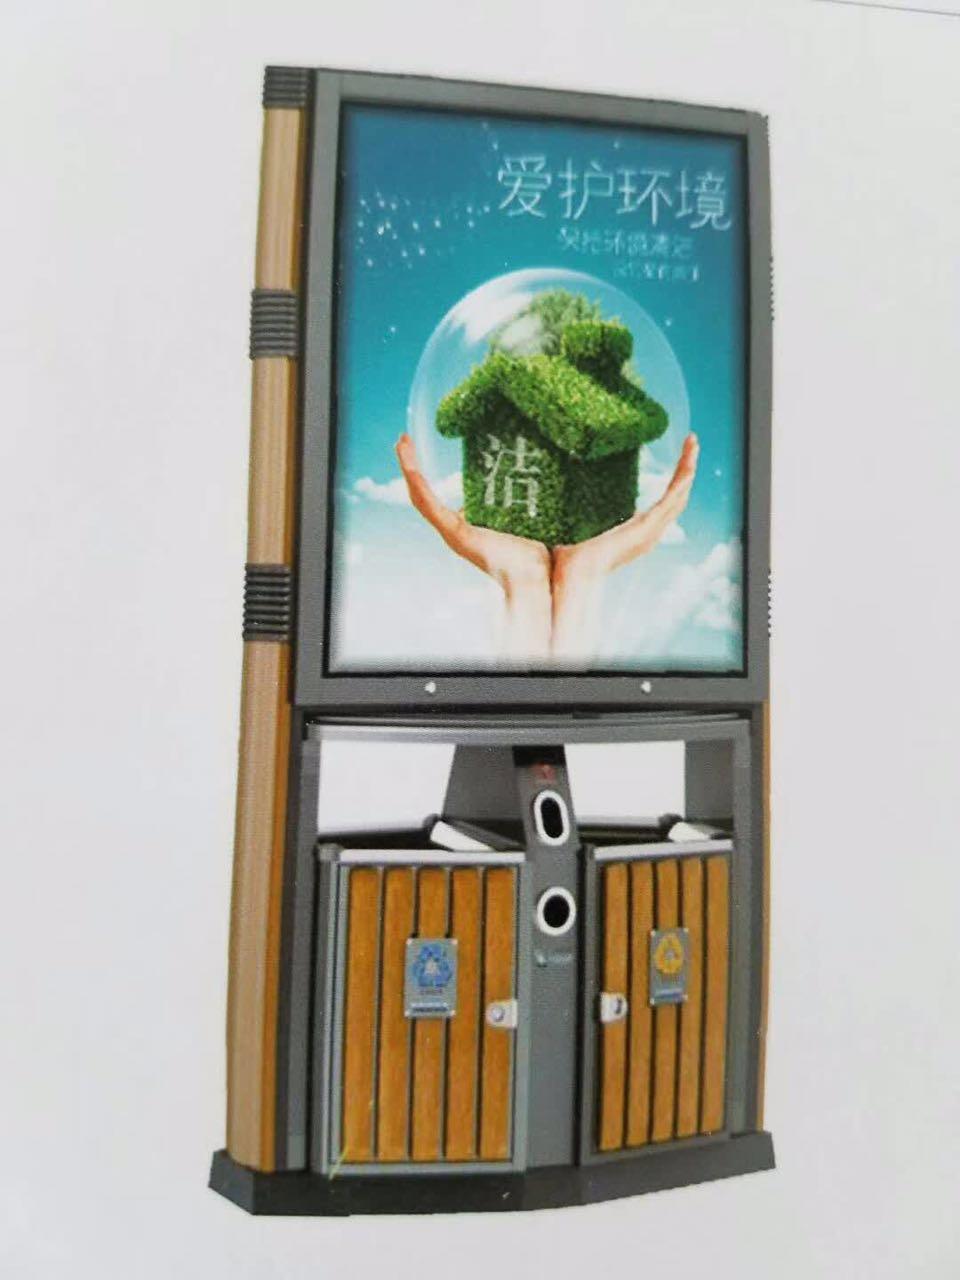 黄山防腐木垃圾箱设计